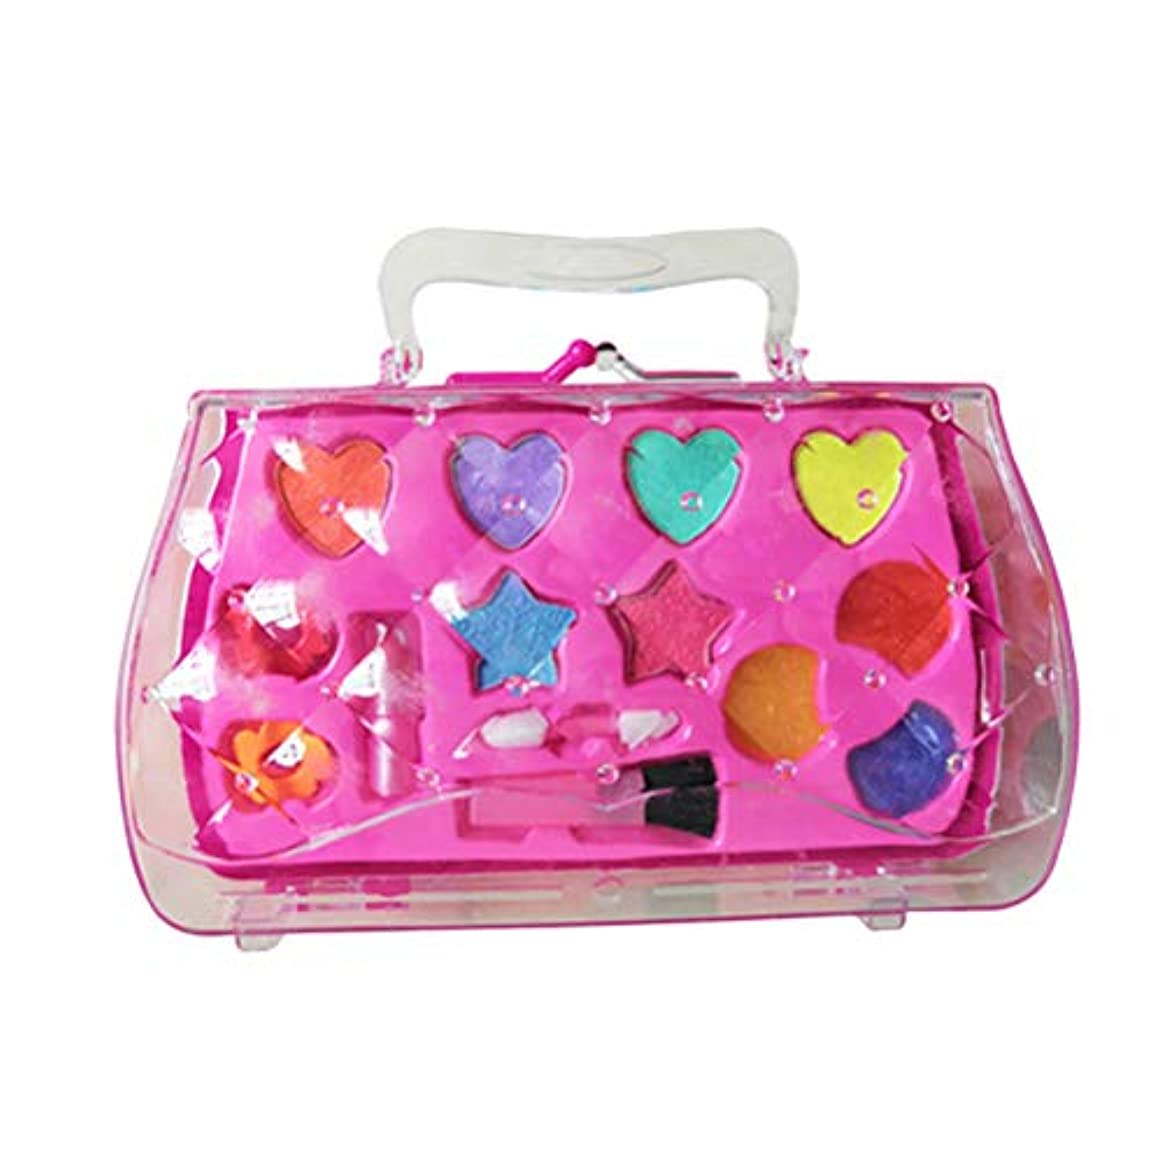 やがて縁石散るToyvian 女の子はおもちゃのセットを作る化粧品キットの口紅アイシャドーブラシ子供のためのおもちゃを作る女の子(ピンク)